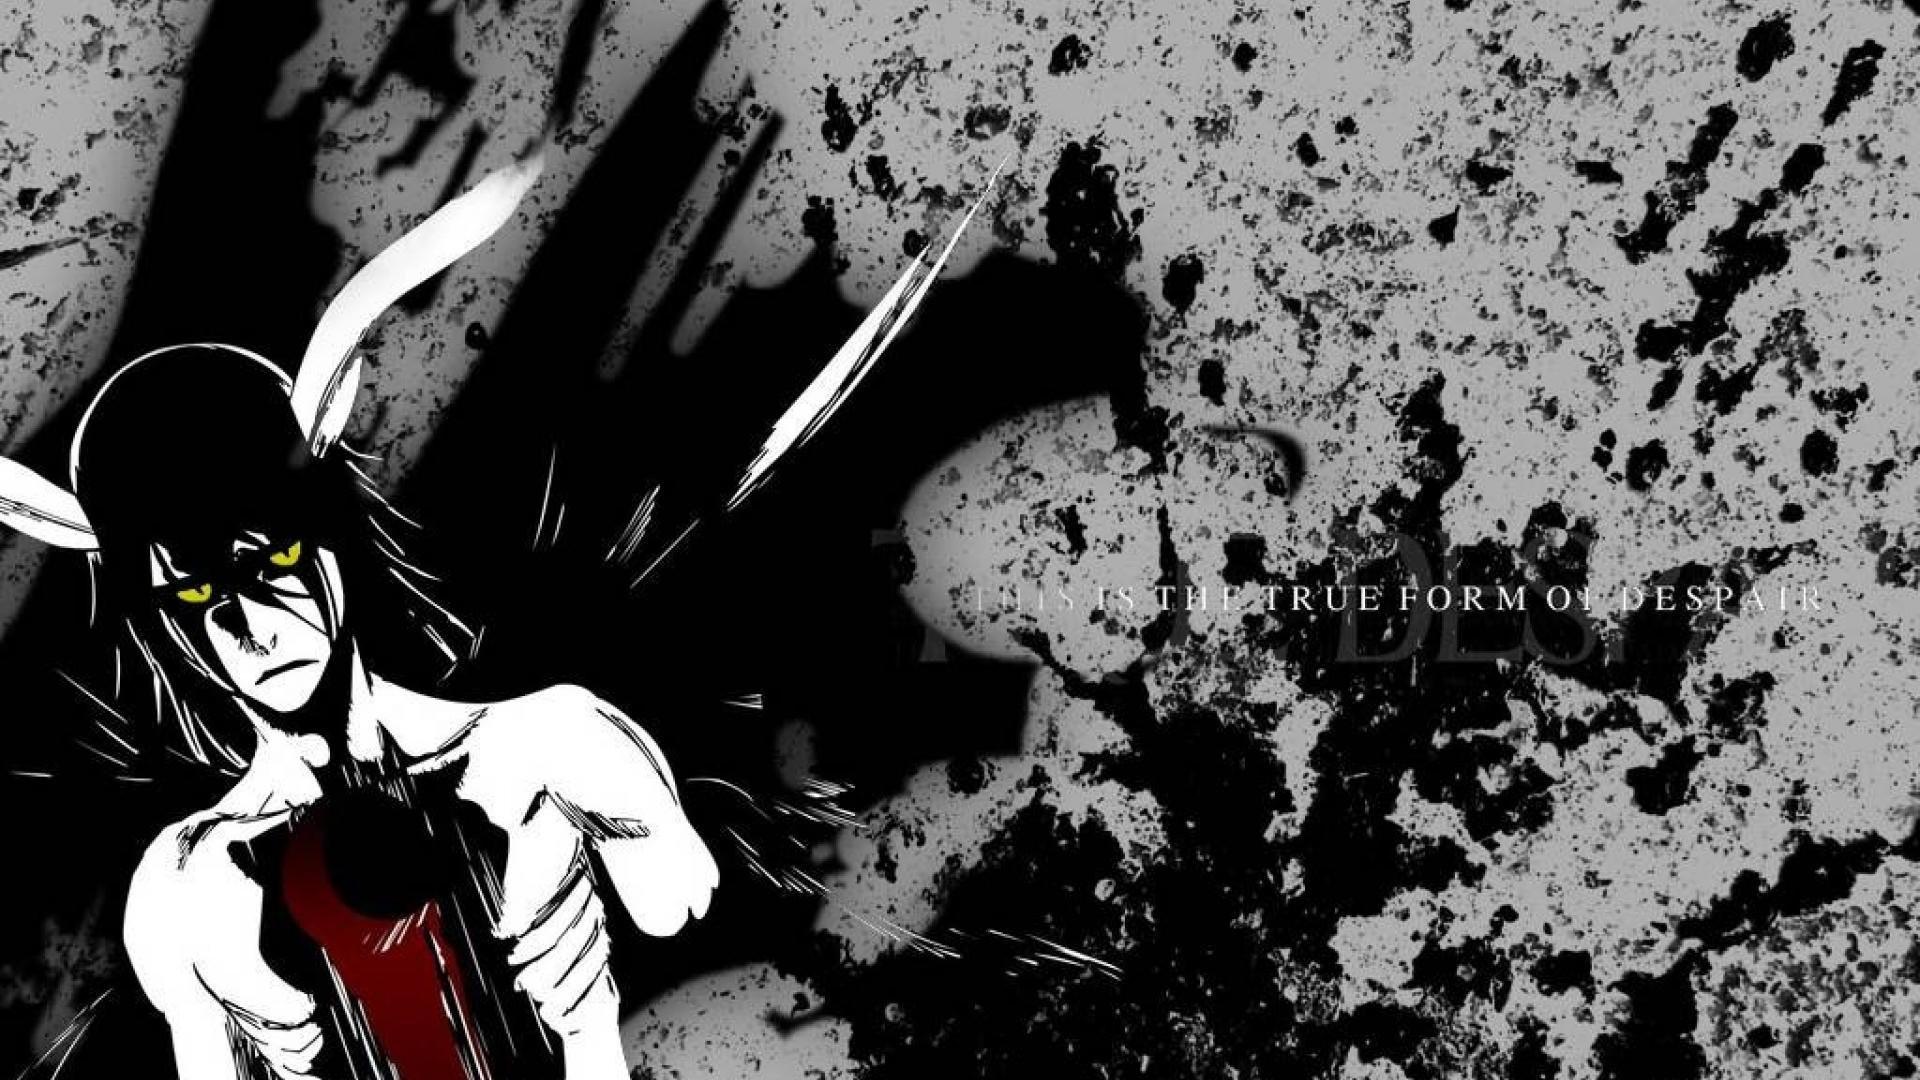 イチロー フィギュア | 破損画像の通販 by tekun2's shop|ラクマ